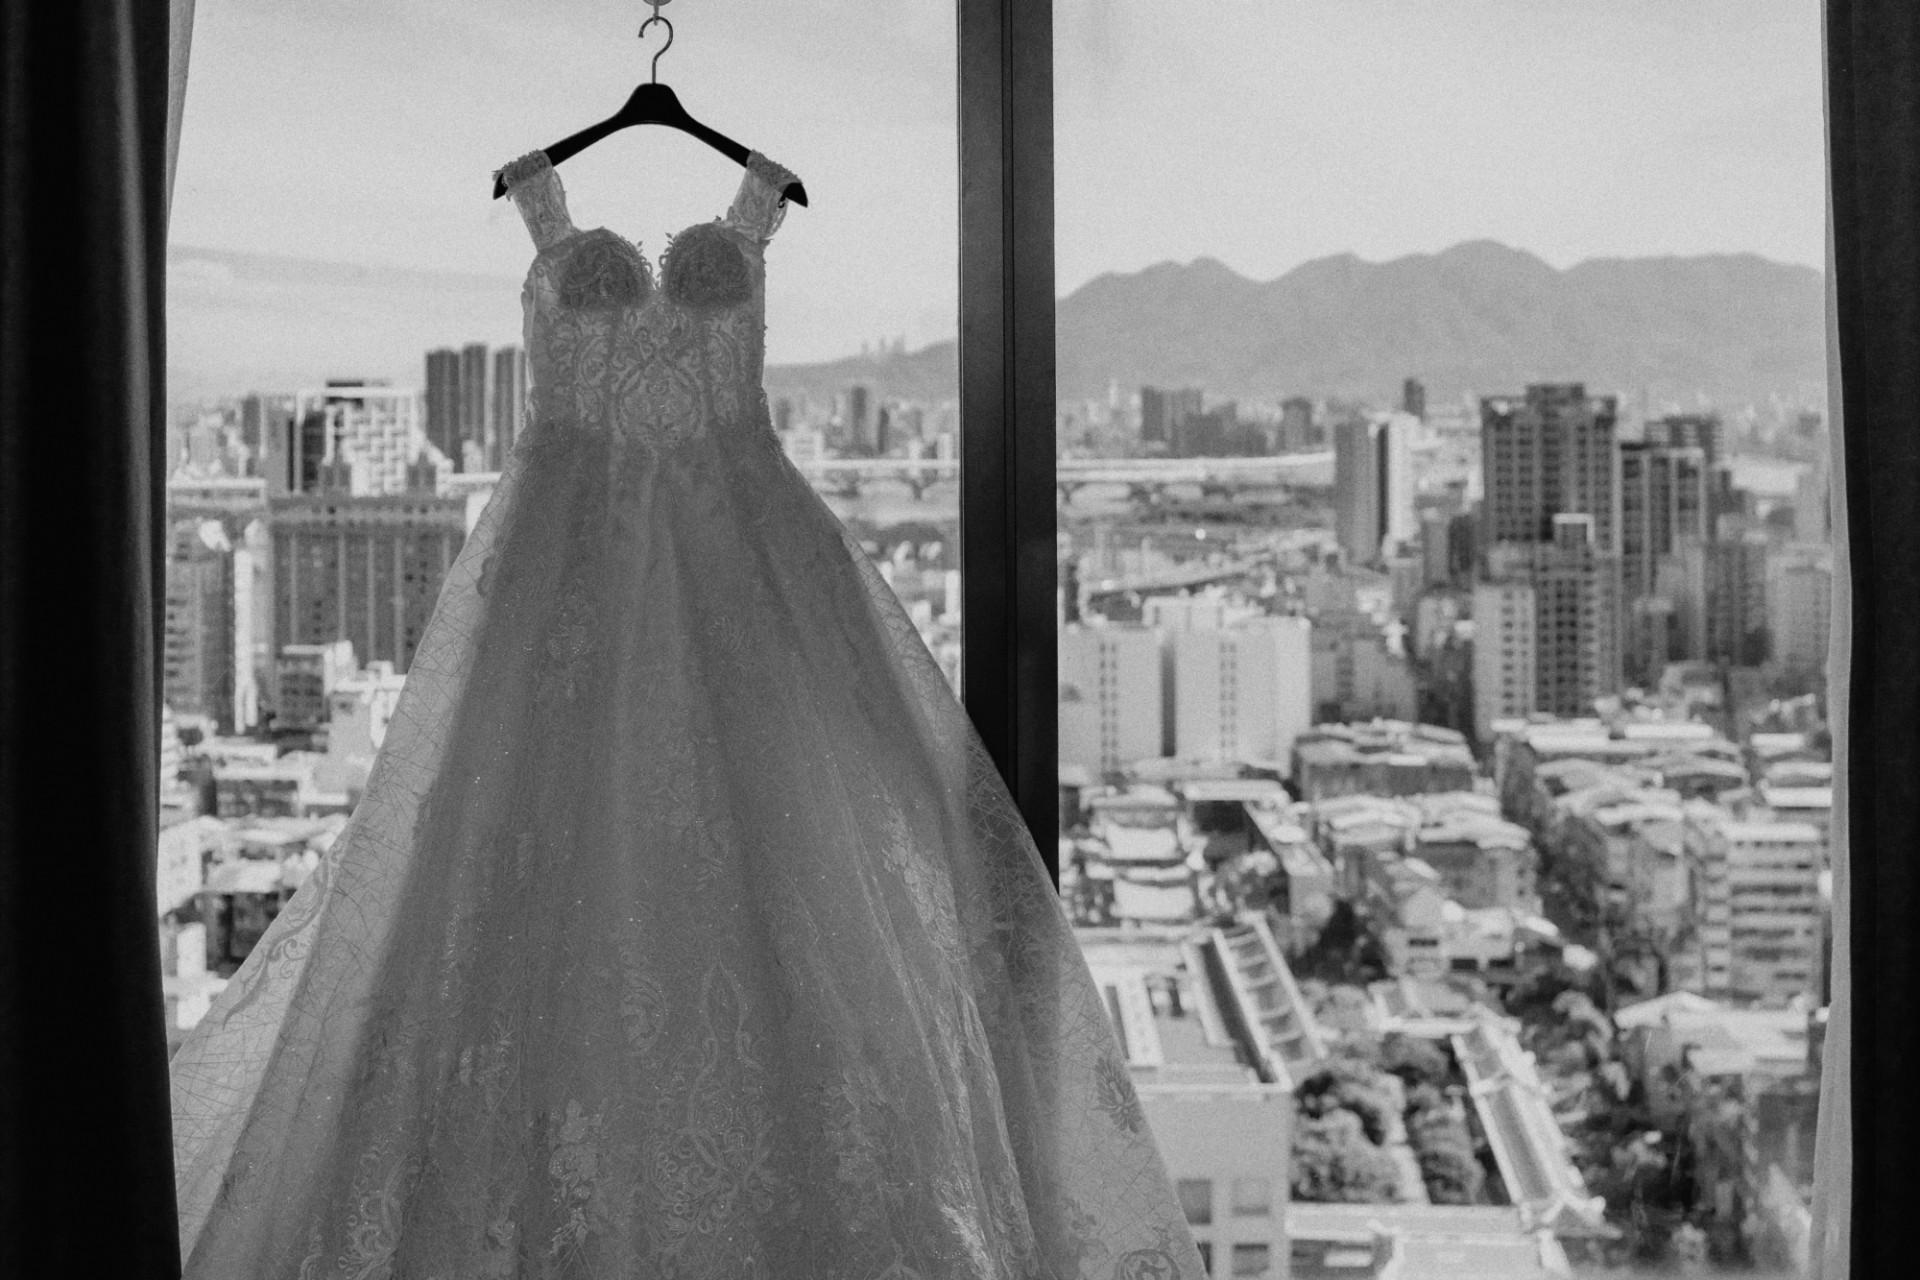 格萊天漾婚攝,格萊天漾大飯店,婚攝推薦,婚禮攝影,台北婚攝,婚攝價格,婚攝ppt推薦,格萊天漾婚宴,格萊天漾婚攝作品,格萊天漾婚禮作品,婚攝報價